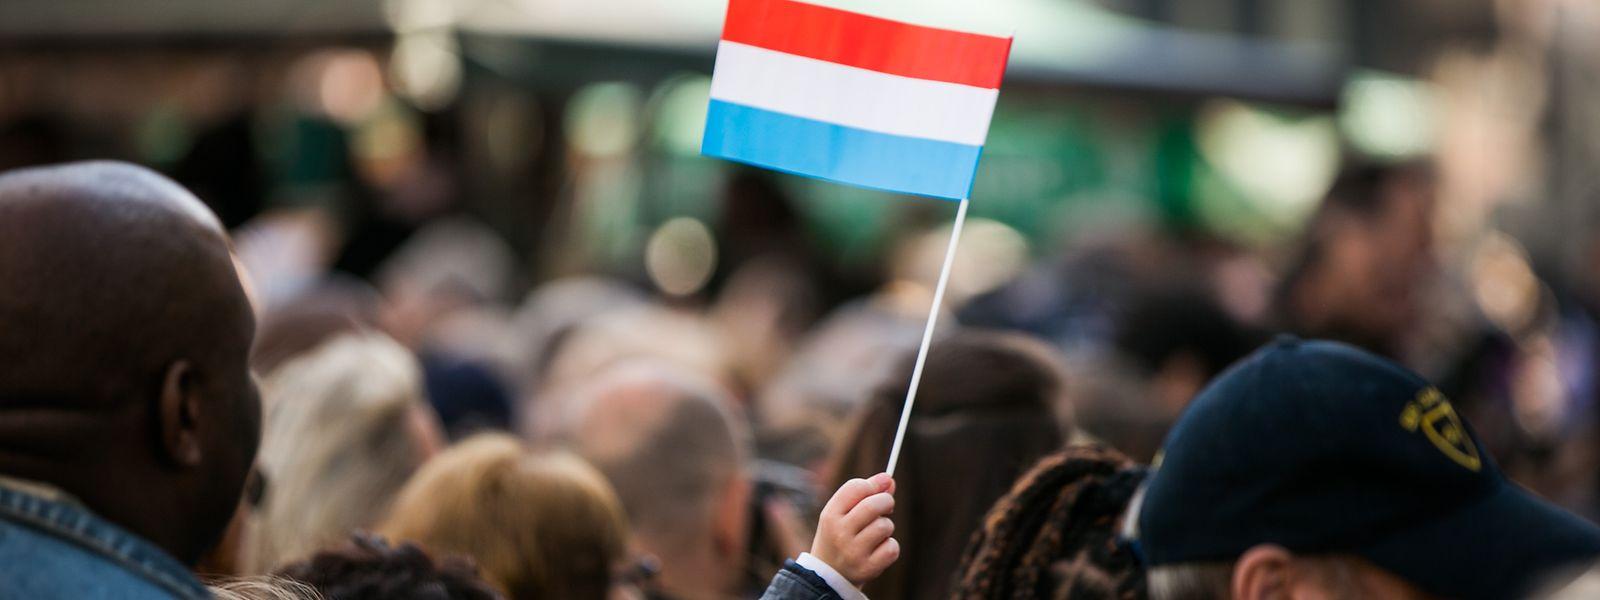 Große Feierlichkeiten zum Nationalfeiertag finden dieses Jahr erneut nicht statt.